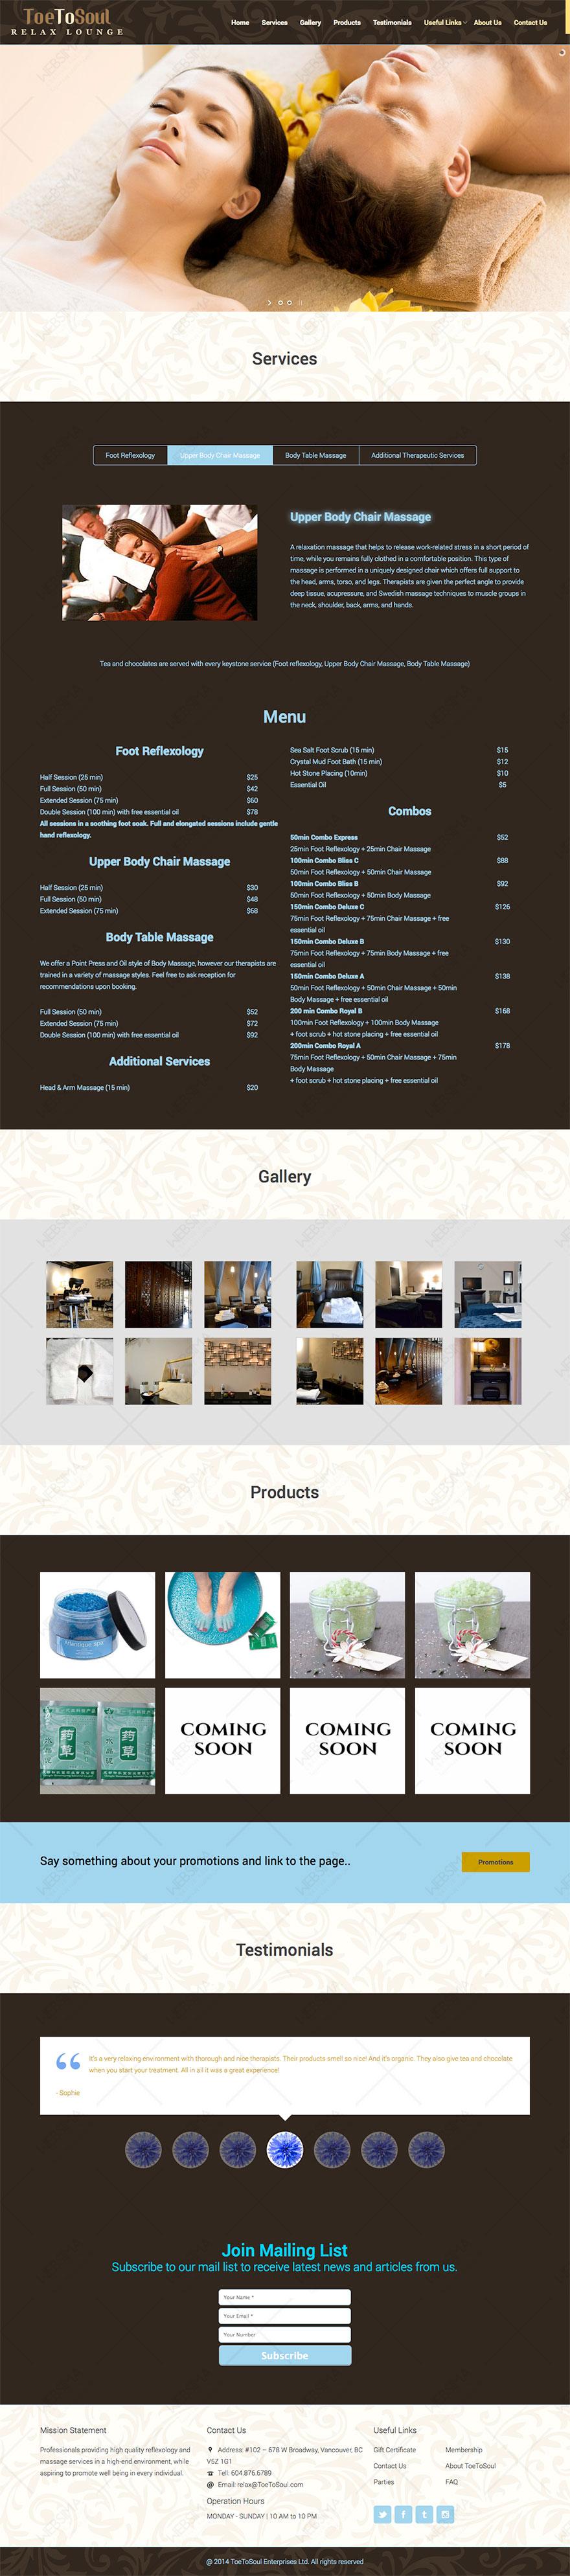 طراحی و سئو وبسایت ToeToSoul